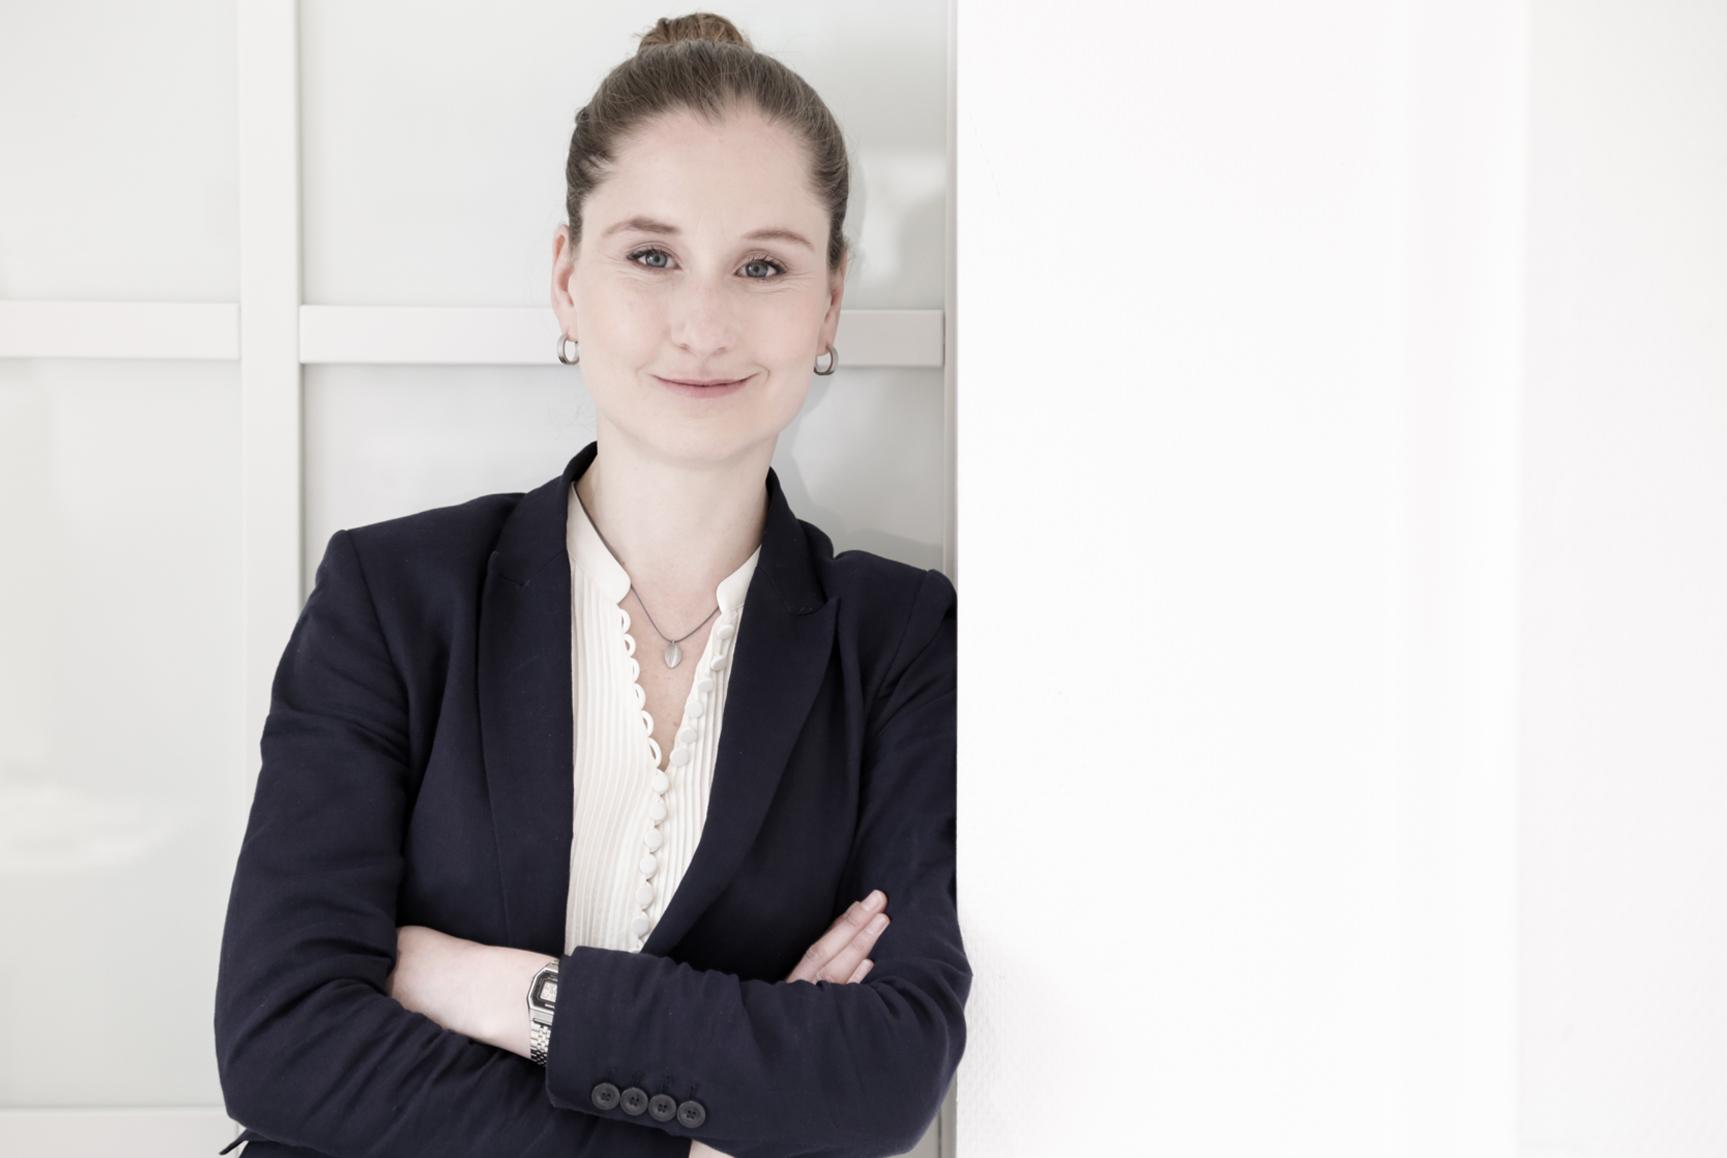 Familienrecht Rechtsanwalt Dortmund Arbeitsrecht Mietrecht